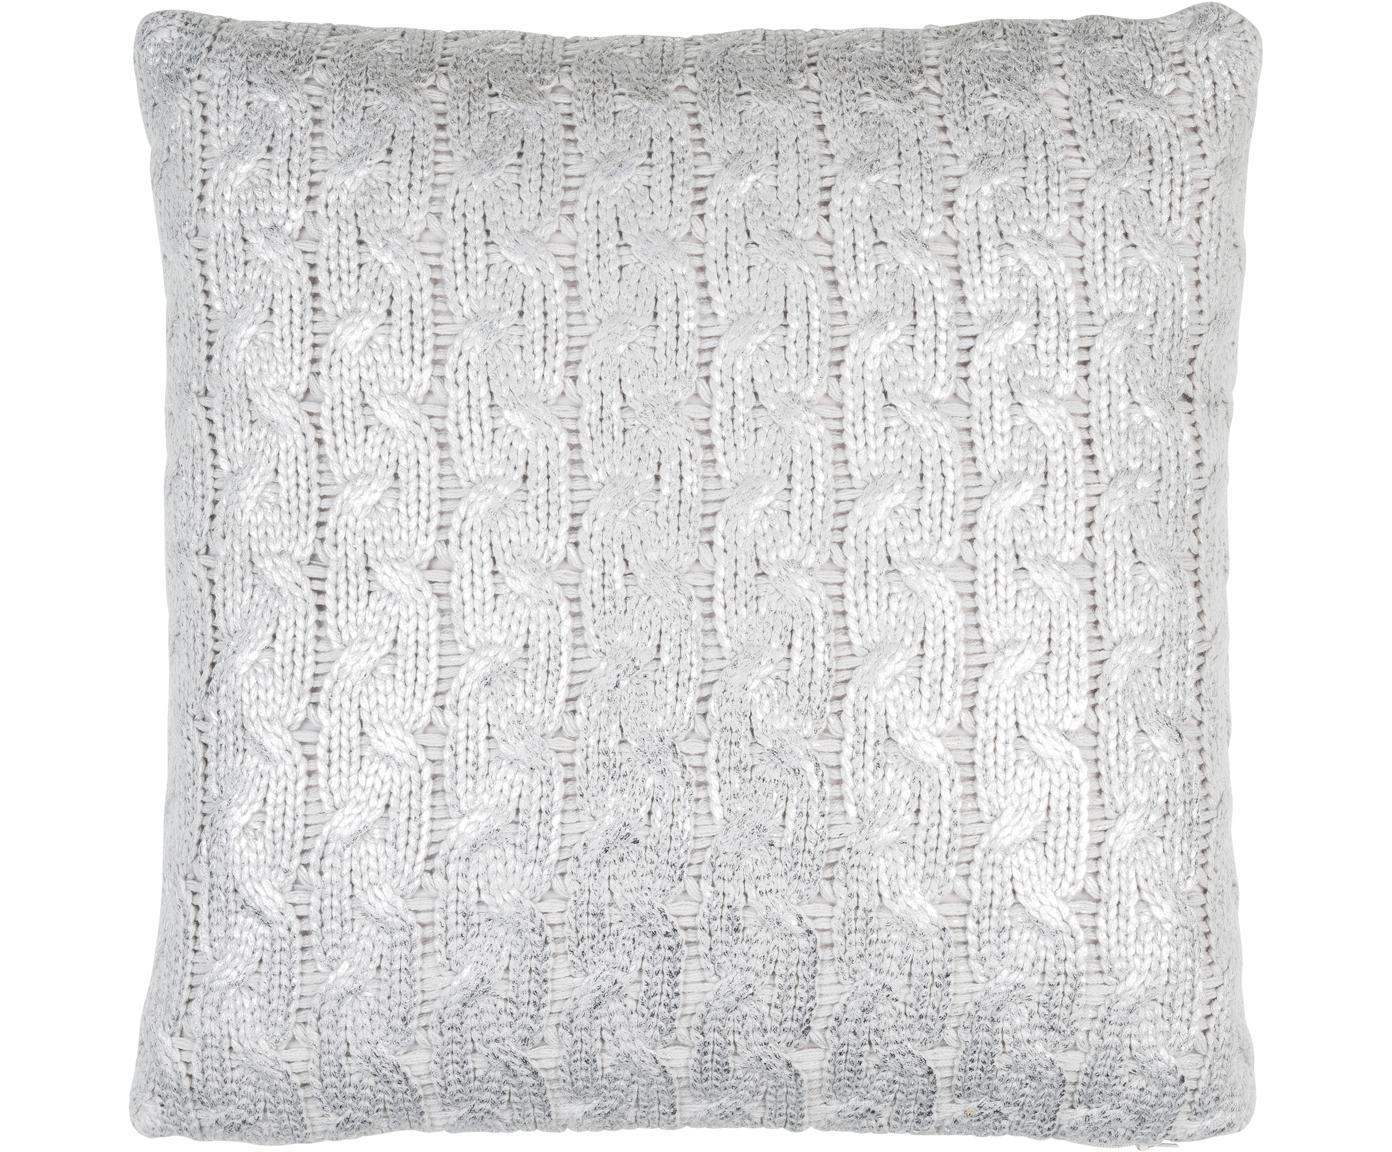 Poszewka na poduszkę z dzianiny  Trenes, 100% akryl, Jasny szary, odcienie srebrnego, S 45 x D 45 cm